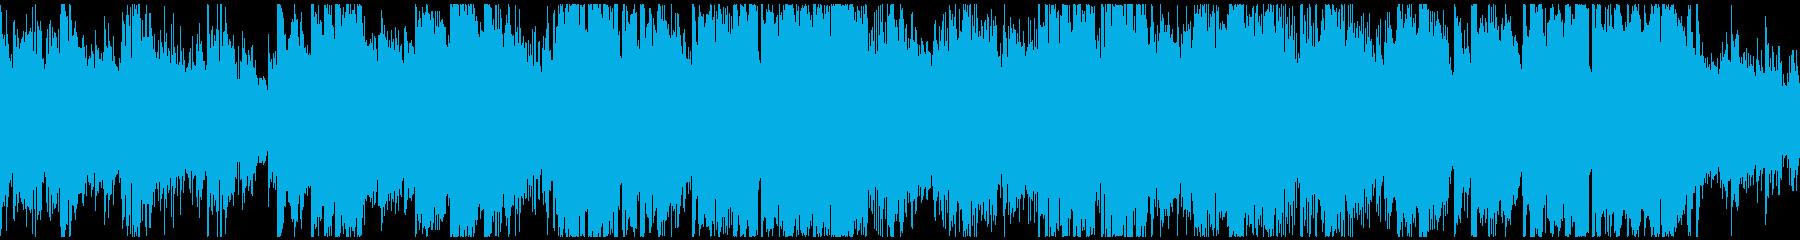 希望に満ちた爽やか大空系 ※ループ仕様版の再生済みの波形